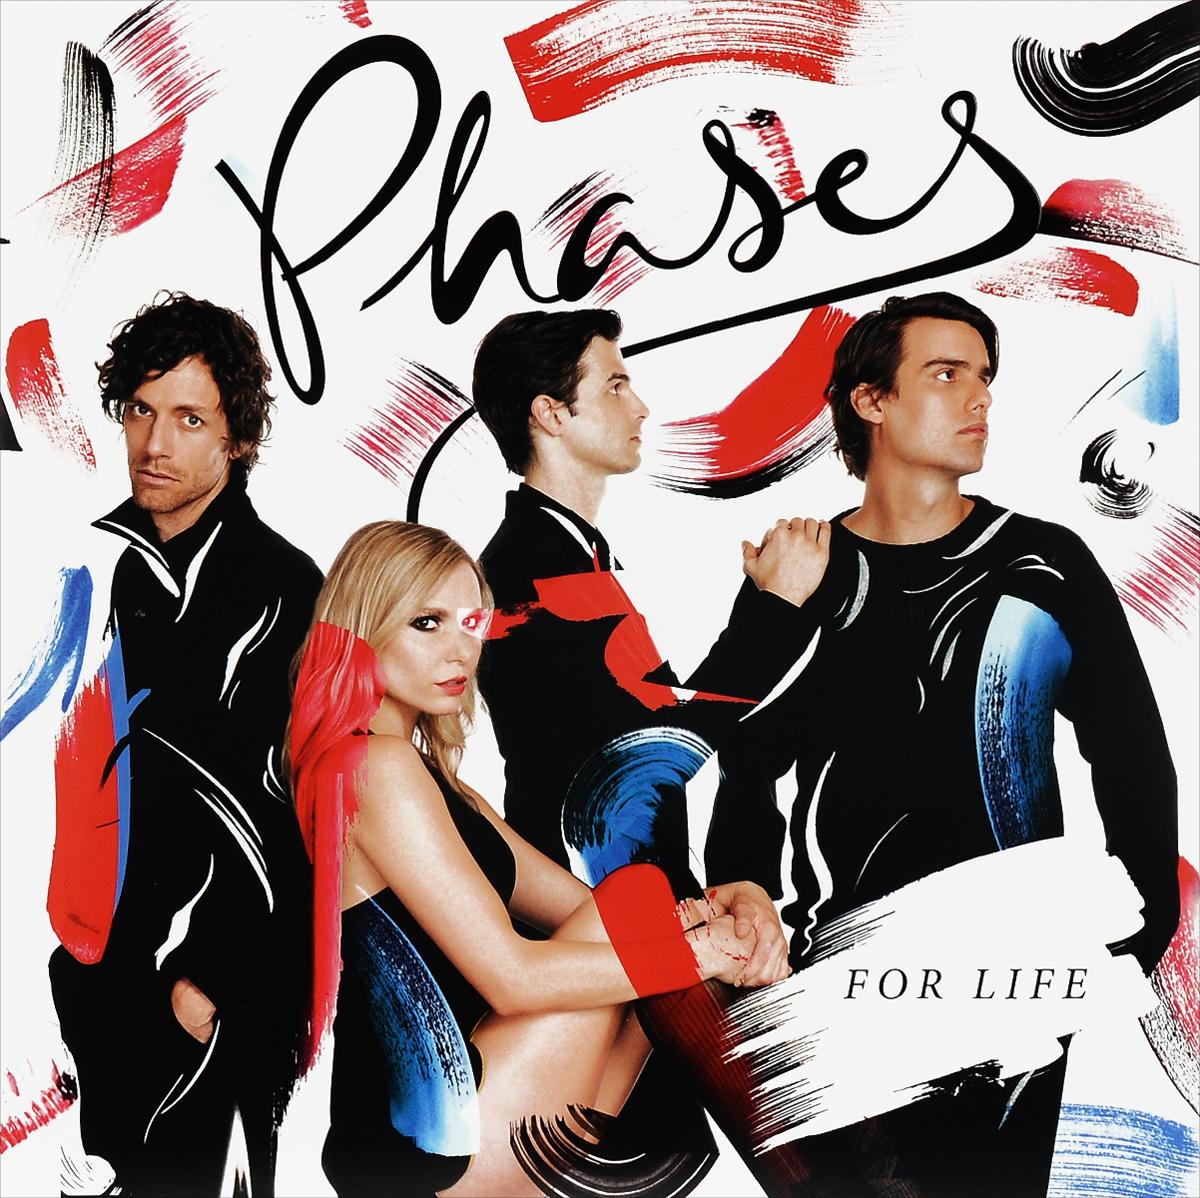 Издание содержит вкладыш с текстами песен на английском языке. Пластинка выполнена в белом цвете.